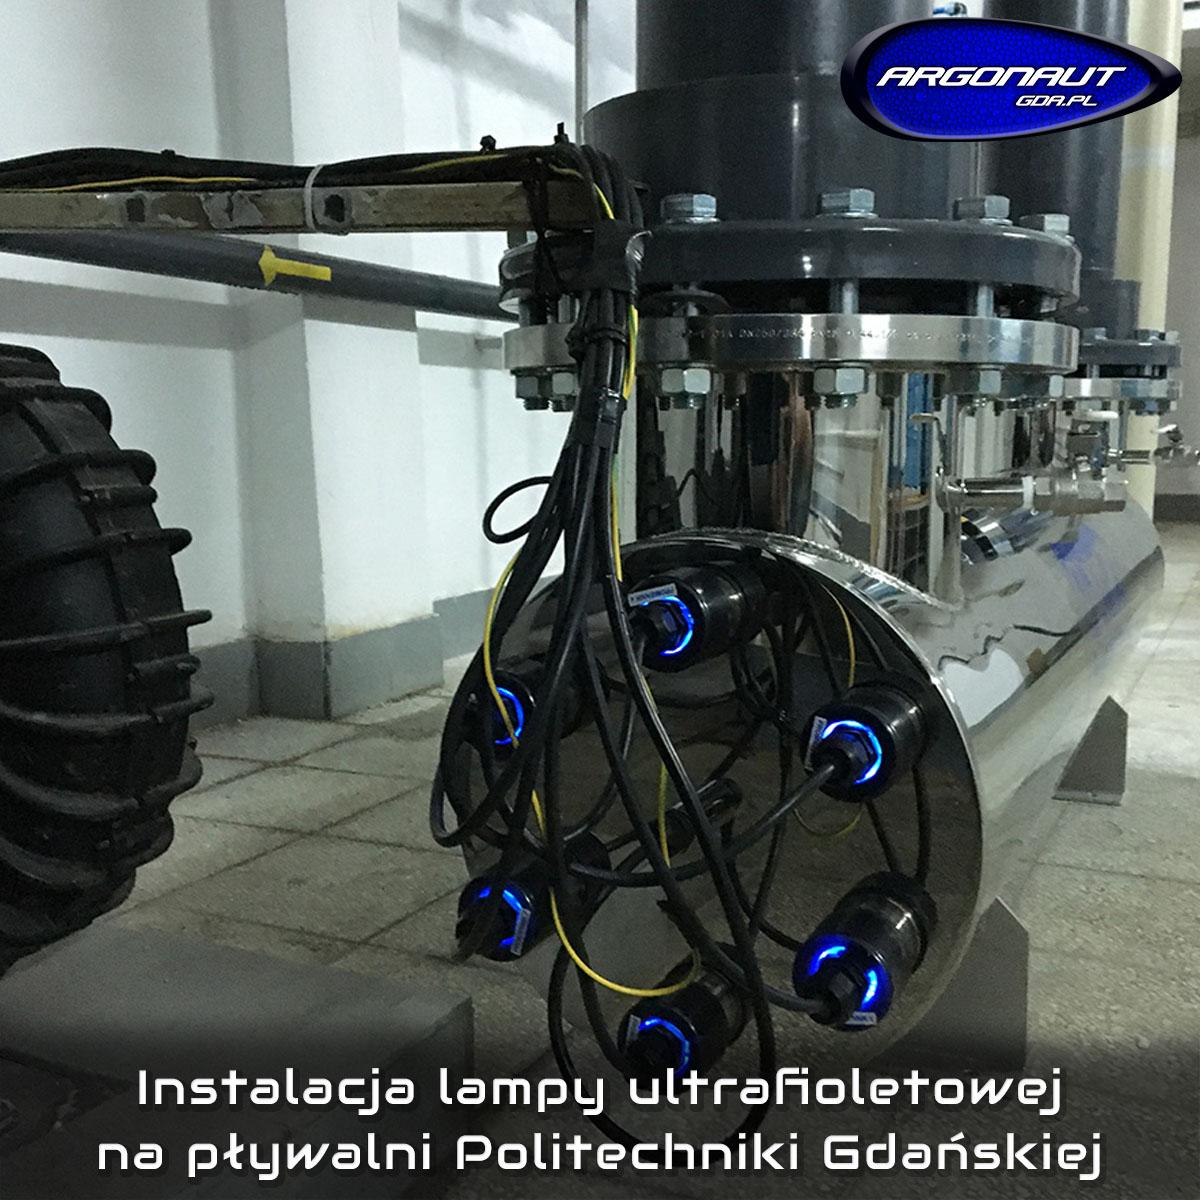 Instalacja lampy ultrafioletowej na pływalni Politechniki Gdańskiej